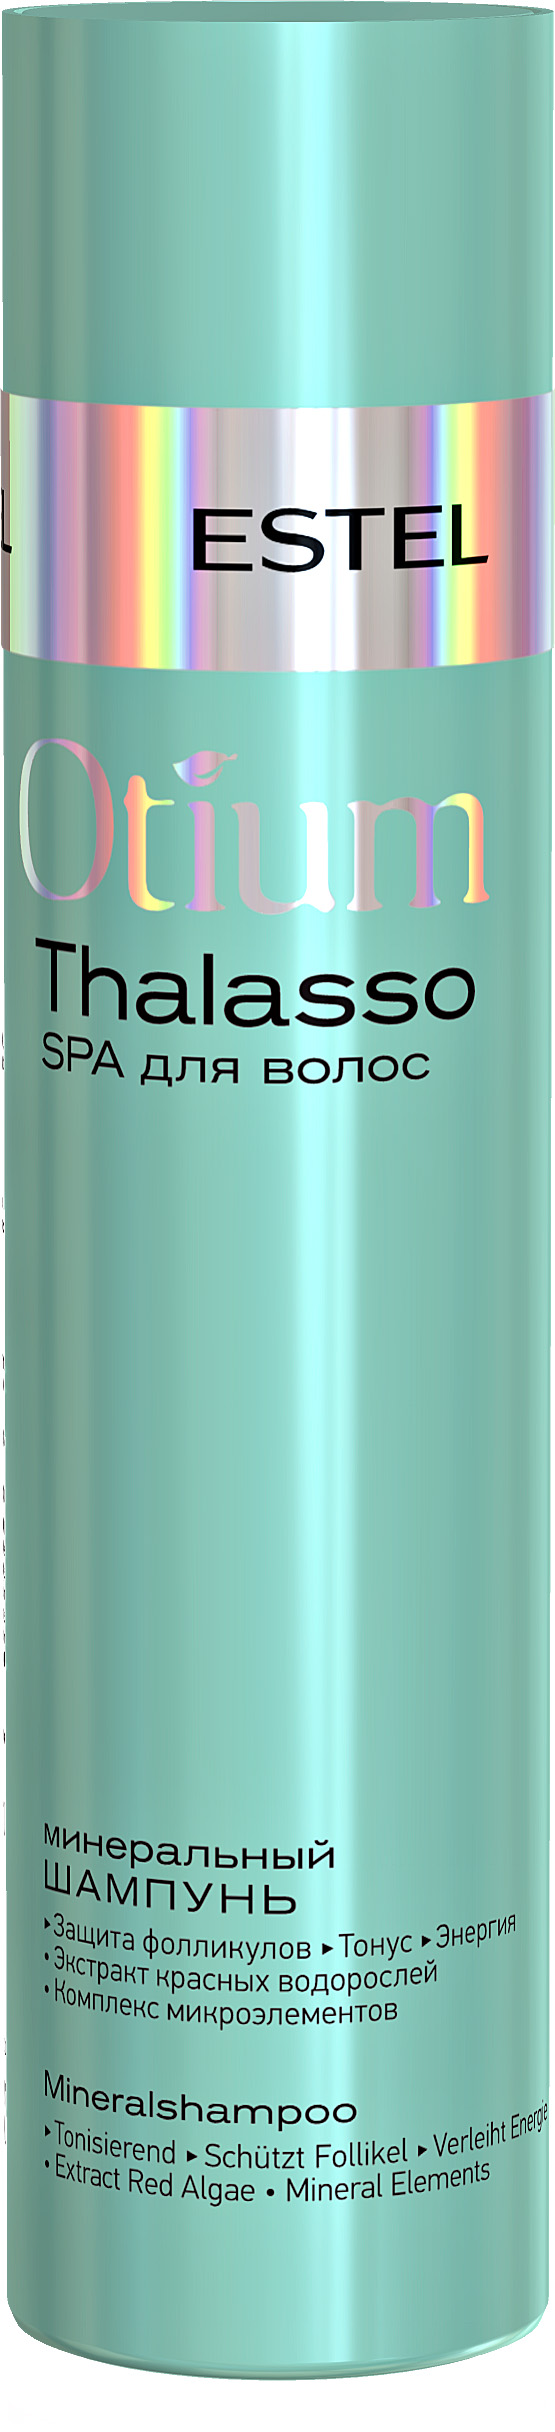 ESTEL PROFESSIONAL Шампунь минеральный для волос / OTIUM THALASSO Shampoo 250 мл недорого